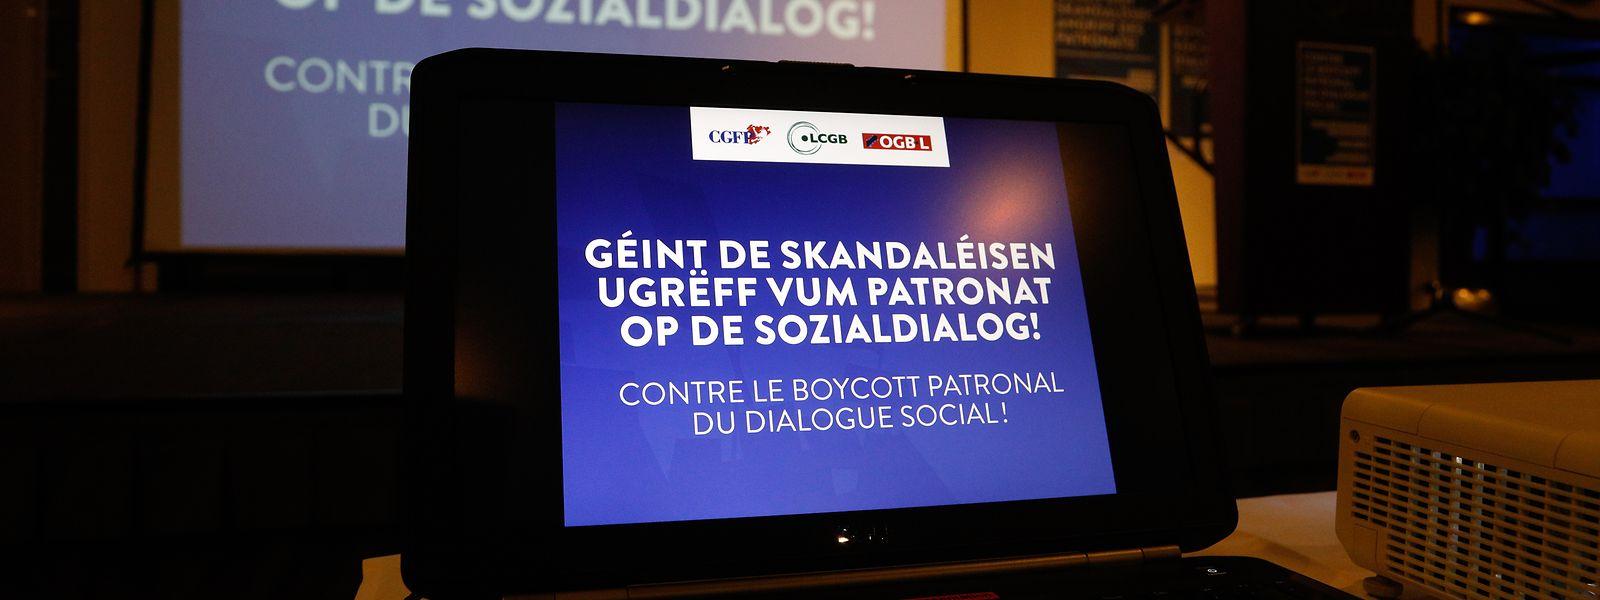 """Am 19. November organisierten die drei national repräsentativen Gewerkschaften CGFP, LCGB und OGBL eine Protestkundgebung gegen einen """"Angriff auf den Sozialdialog"""" durch die UEL."""